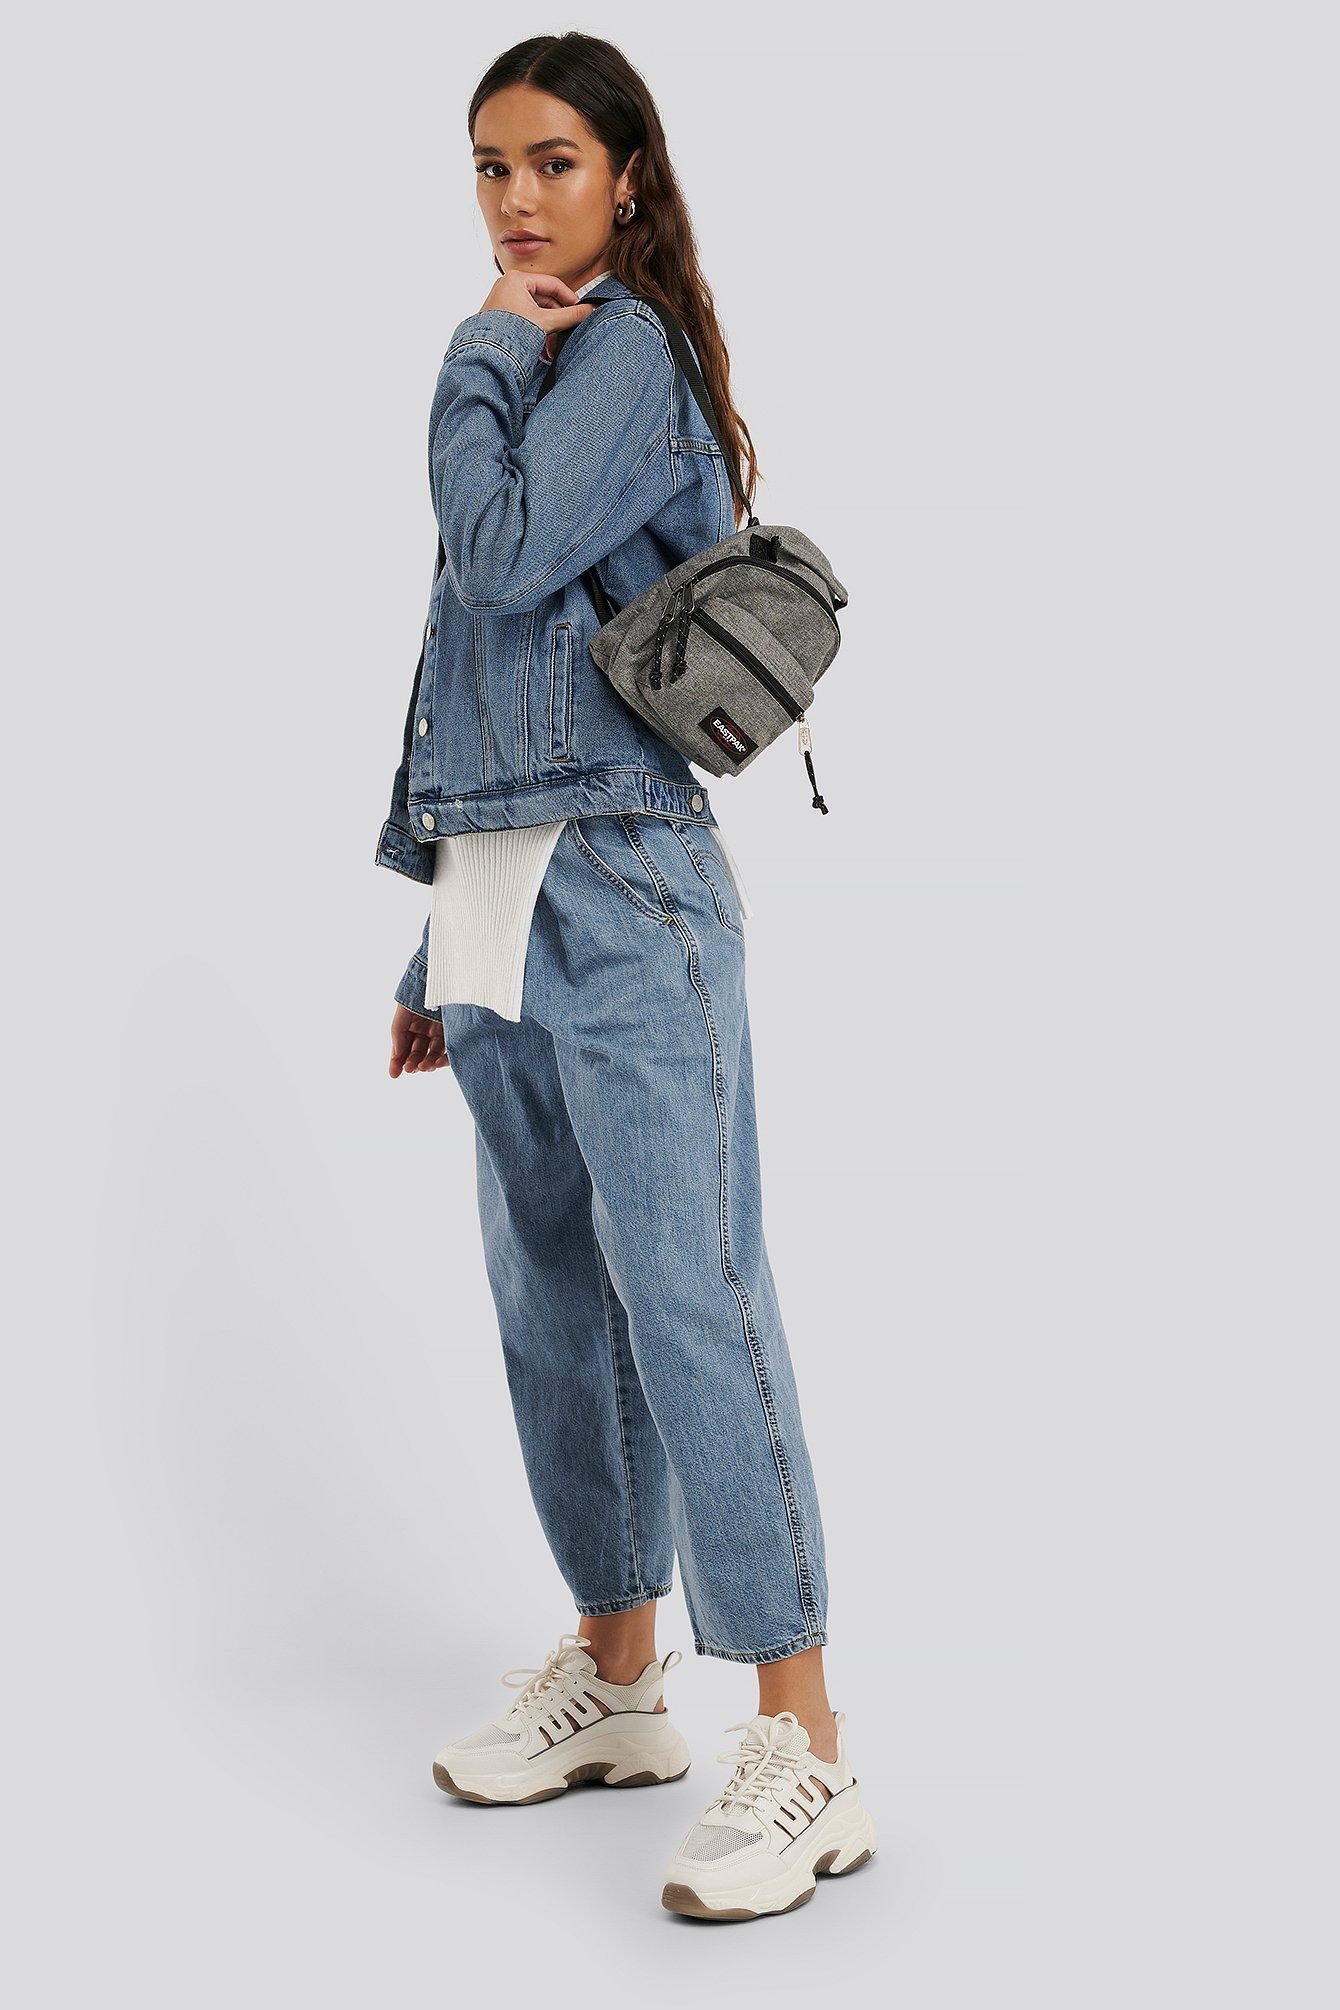 Eastpak Orbit-Tasche - Grey | Taschen > Handtaschen > Sonstige Handtaschen | Eastpak